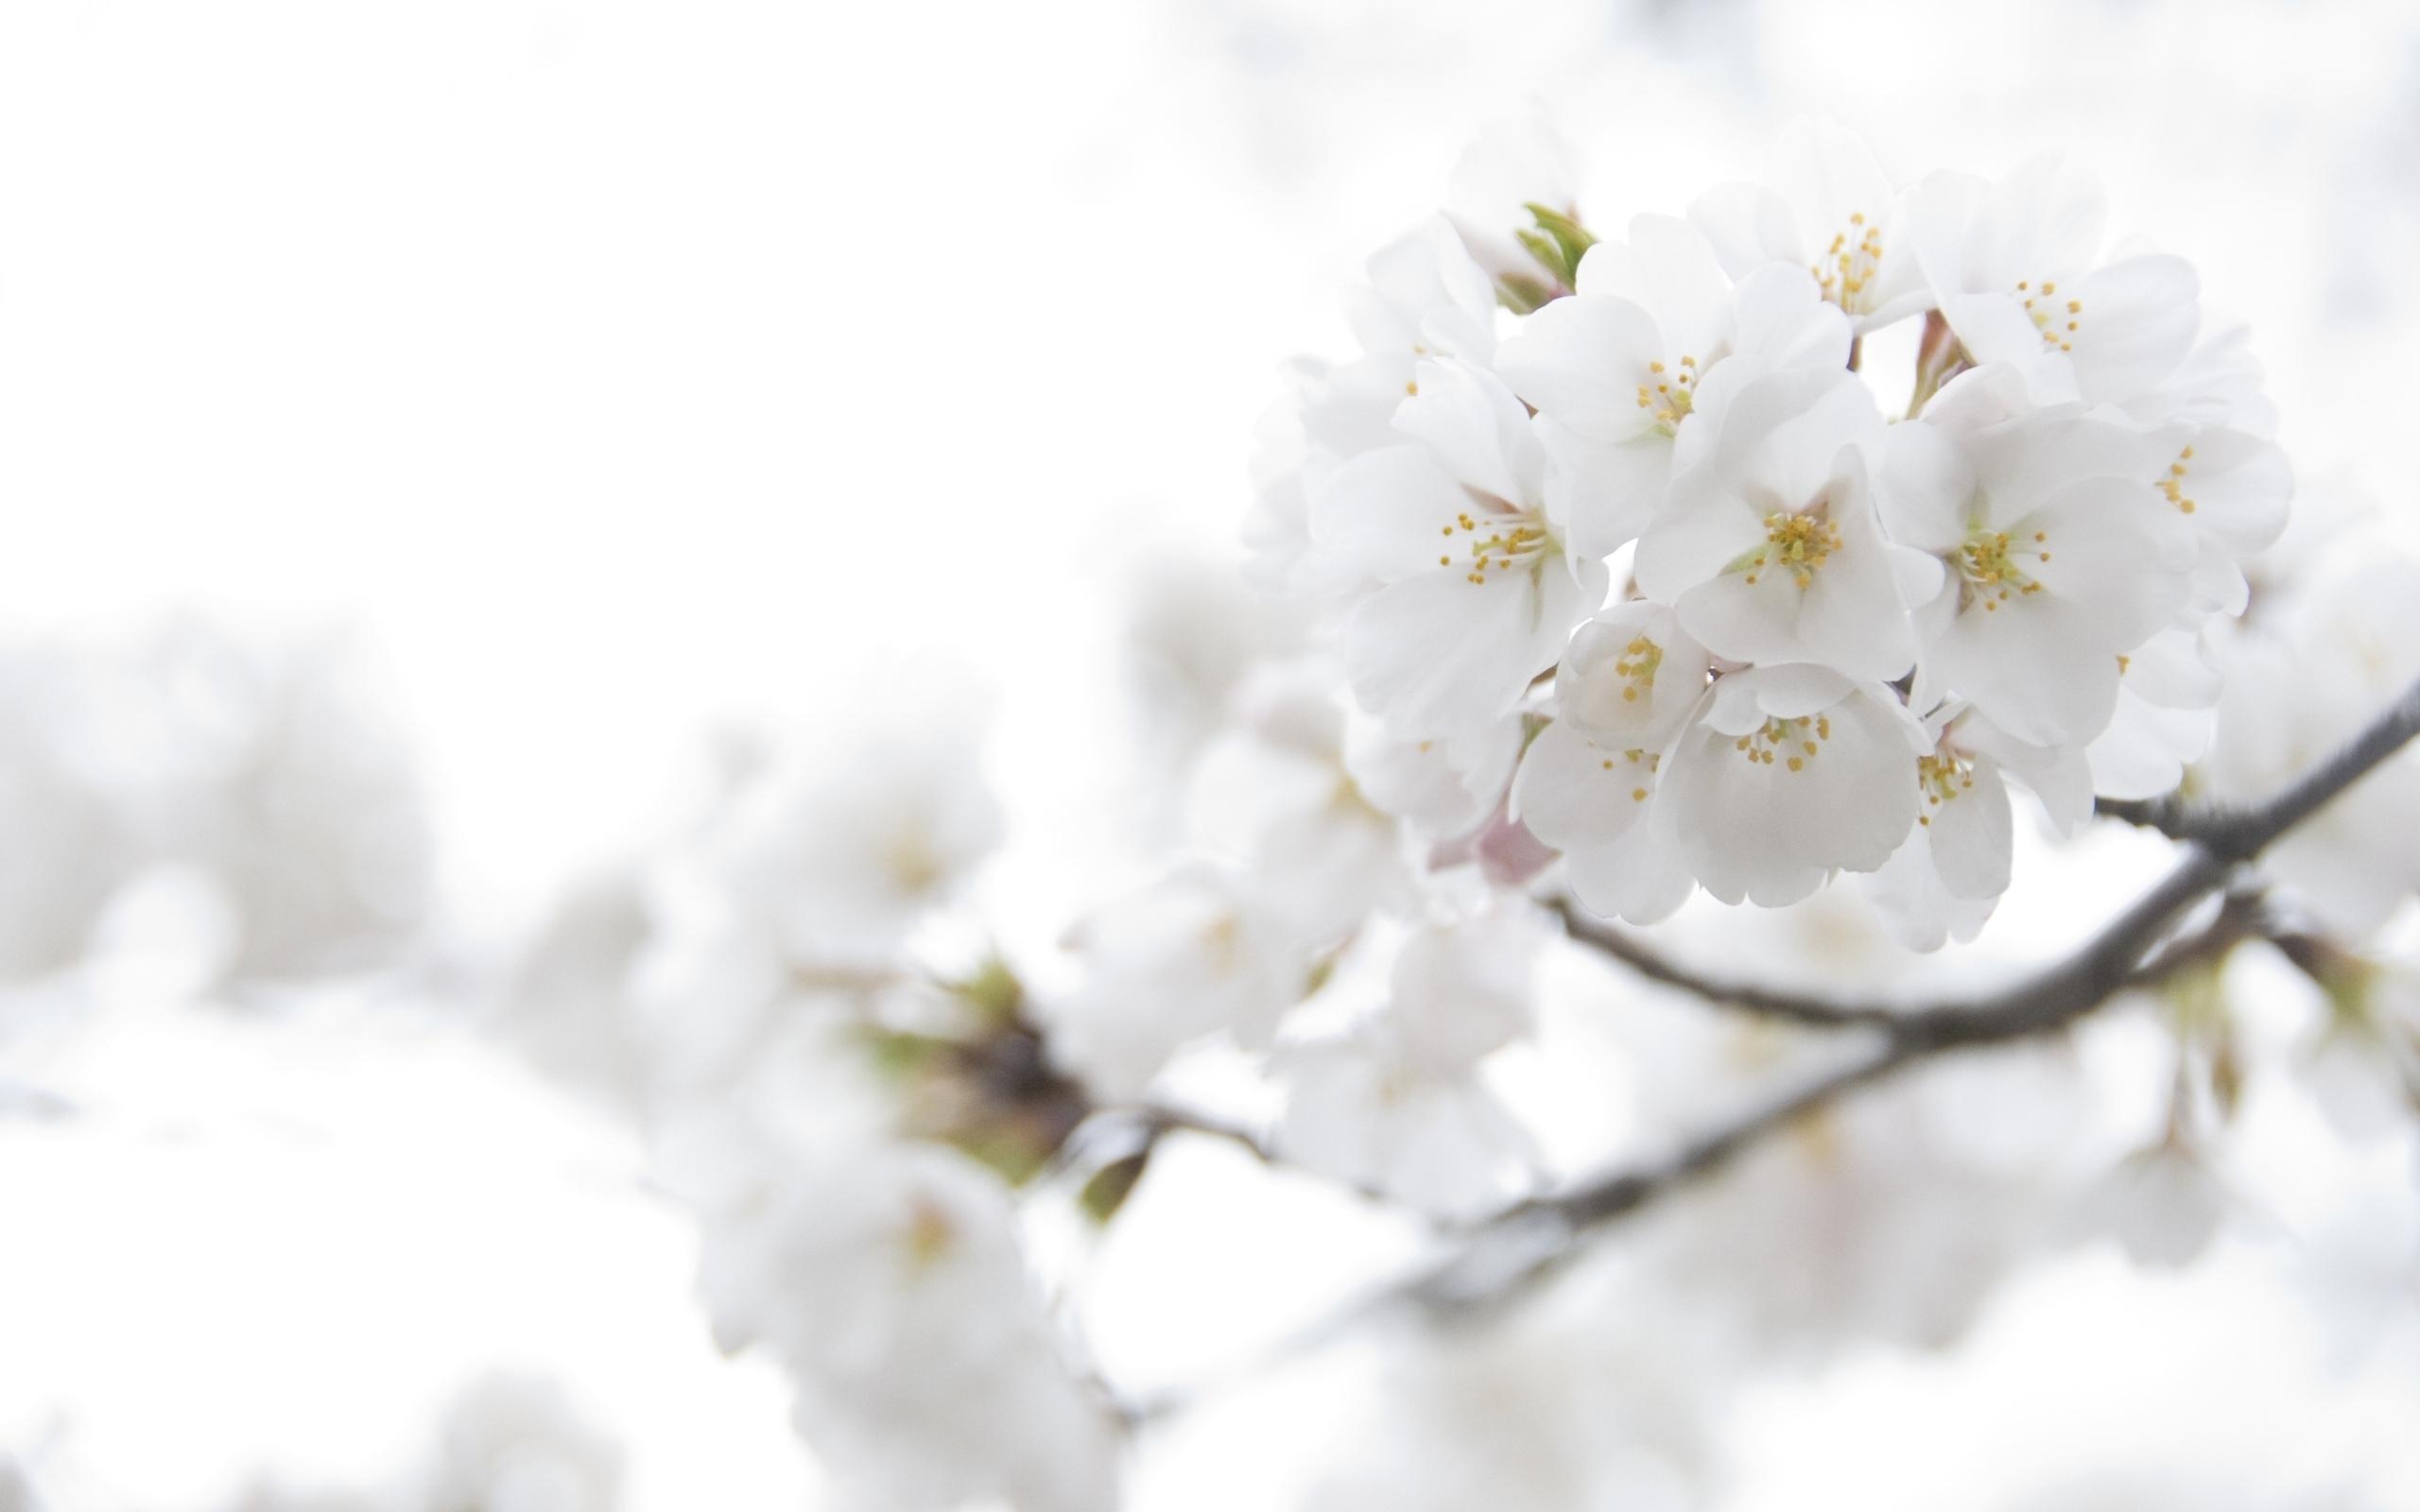 20397 скачать обои Растения, Цветы, Деревья, Вишня - заставки и картинки бесплатно